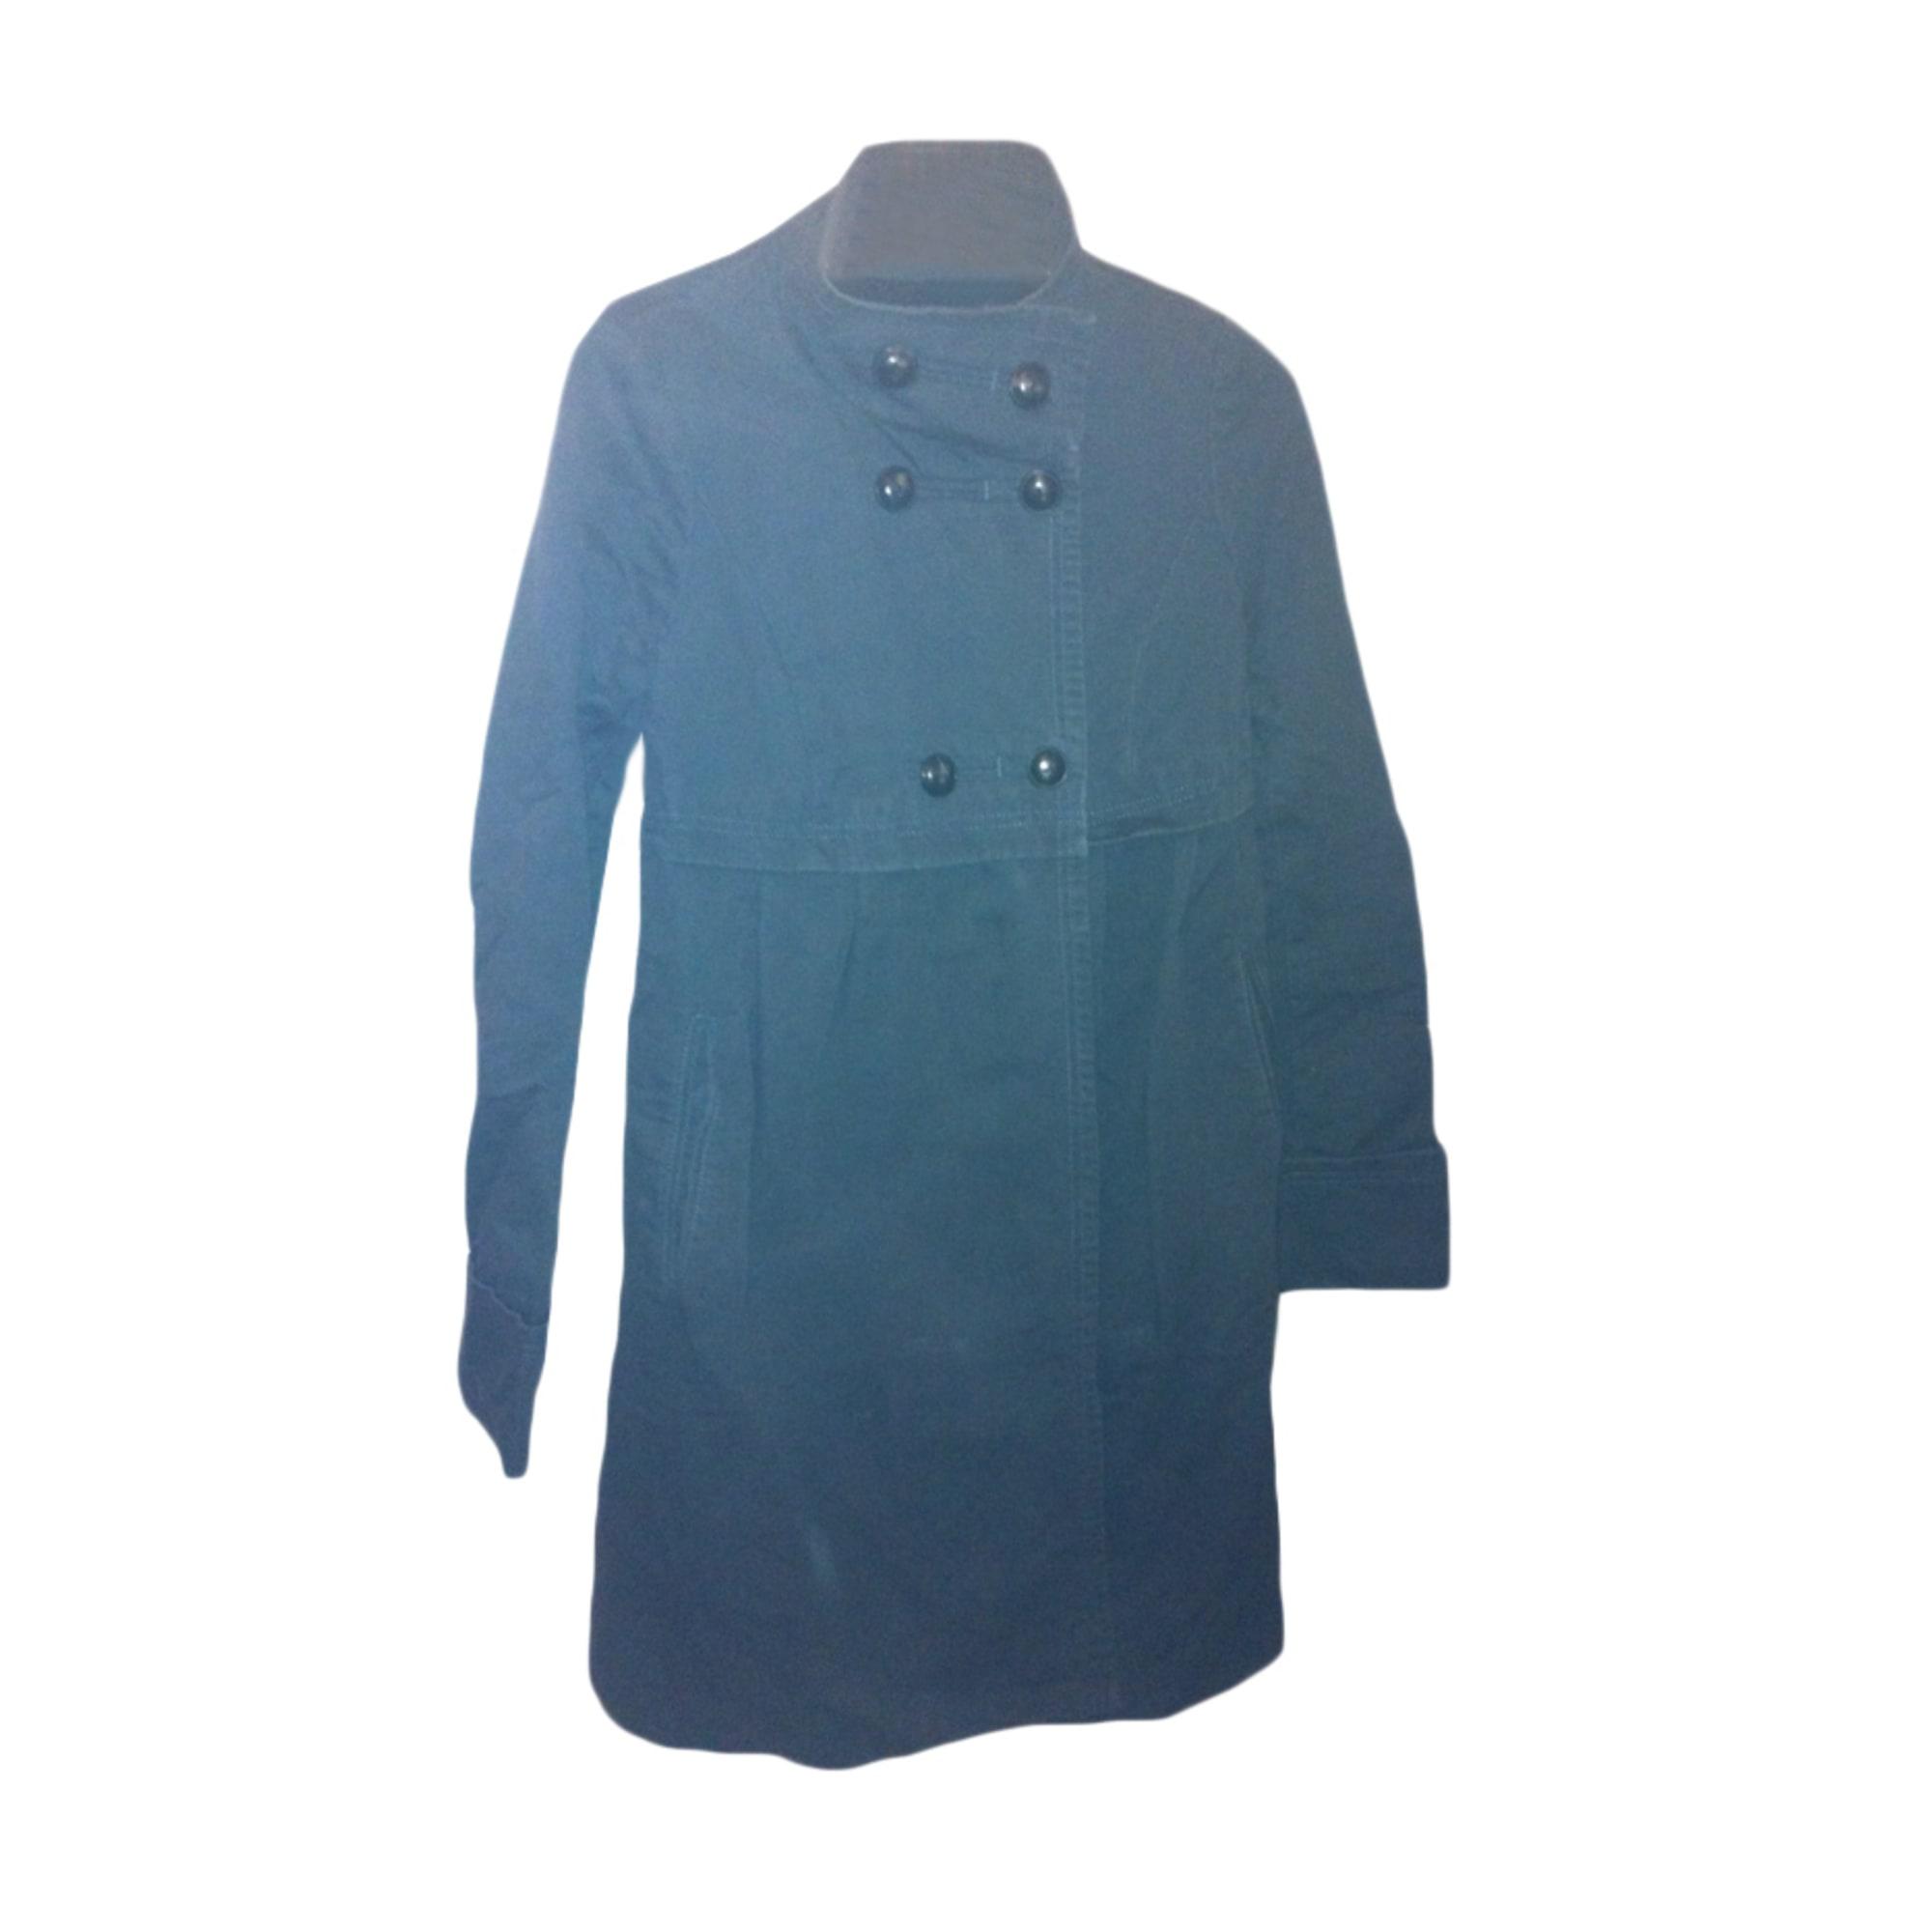 Manteau COMPTOIR DES COTONNIERS Bleu, bleu marine, bleu turquoise